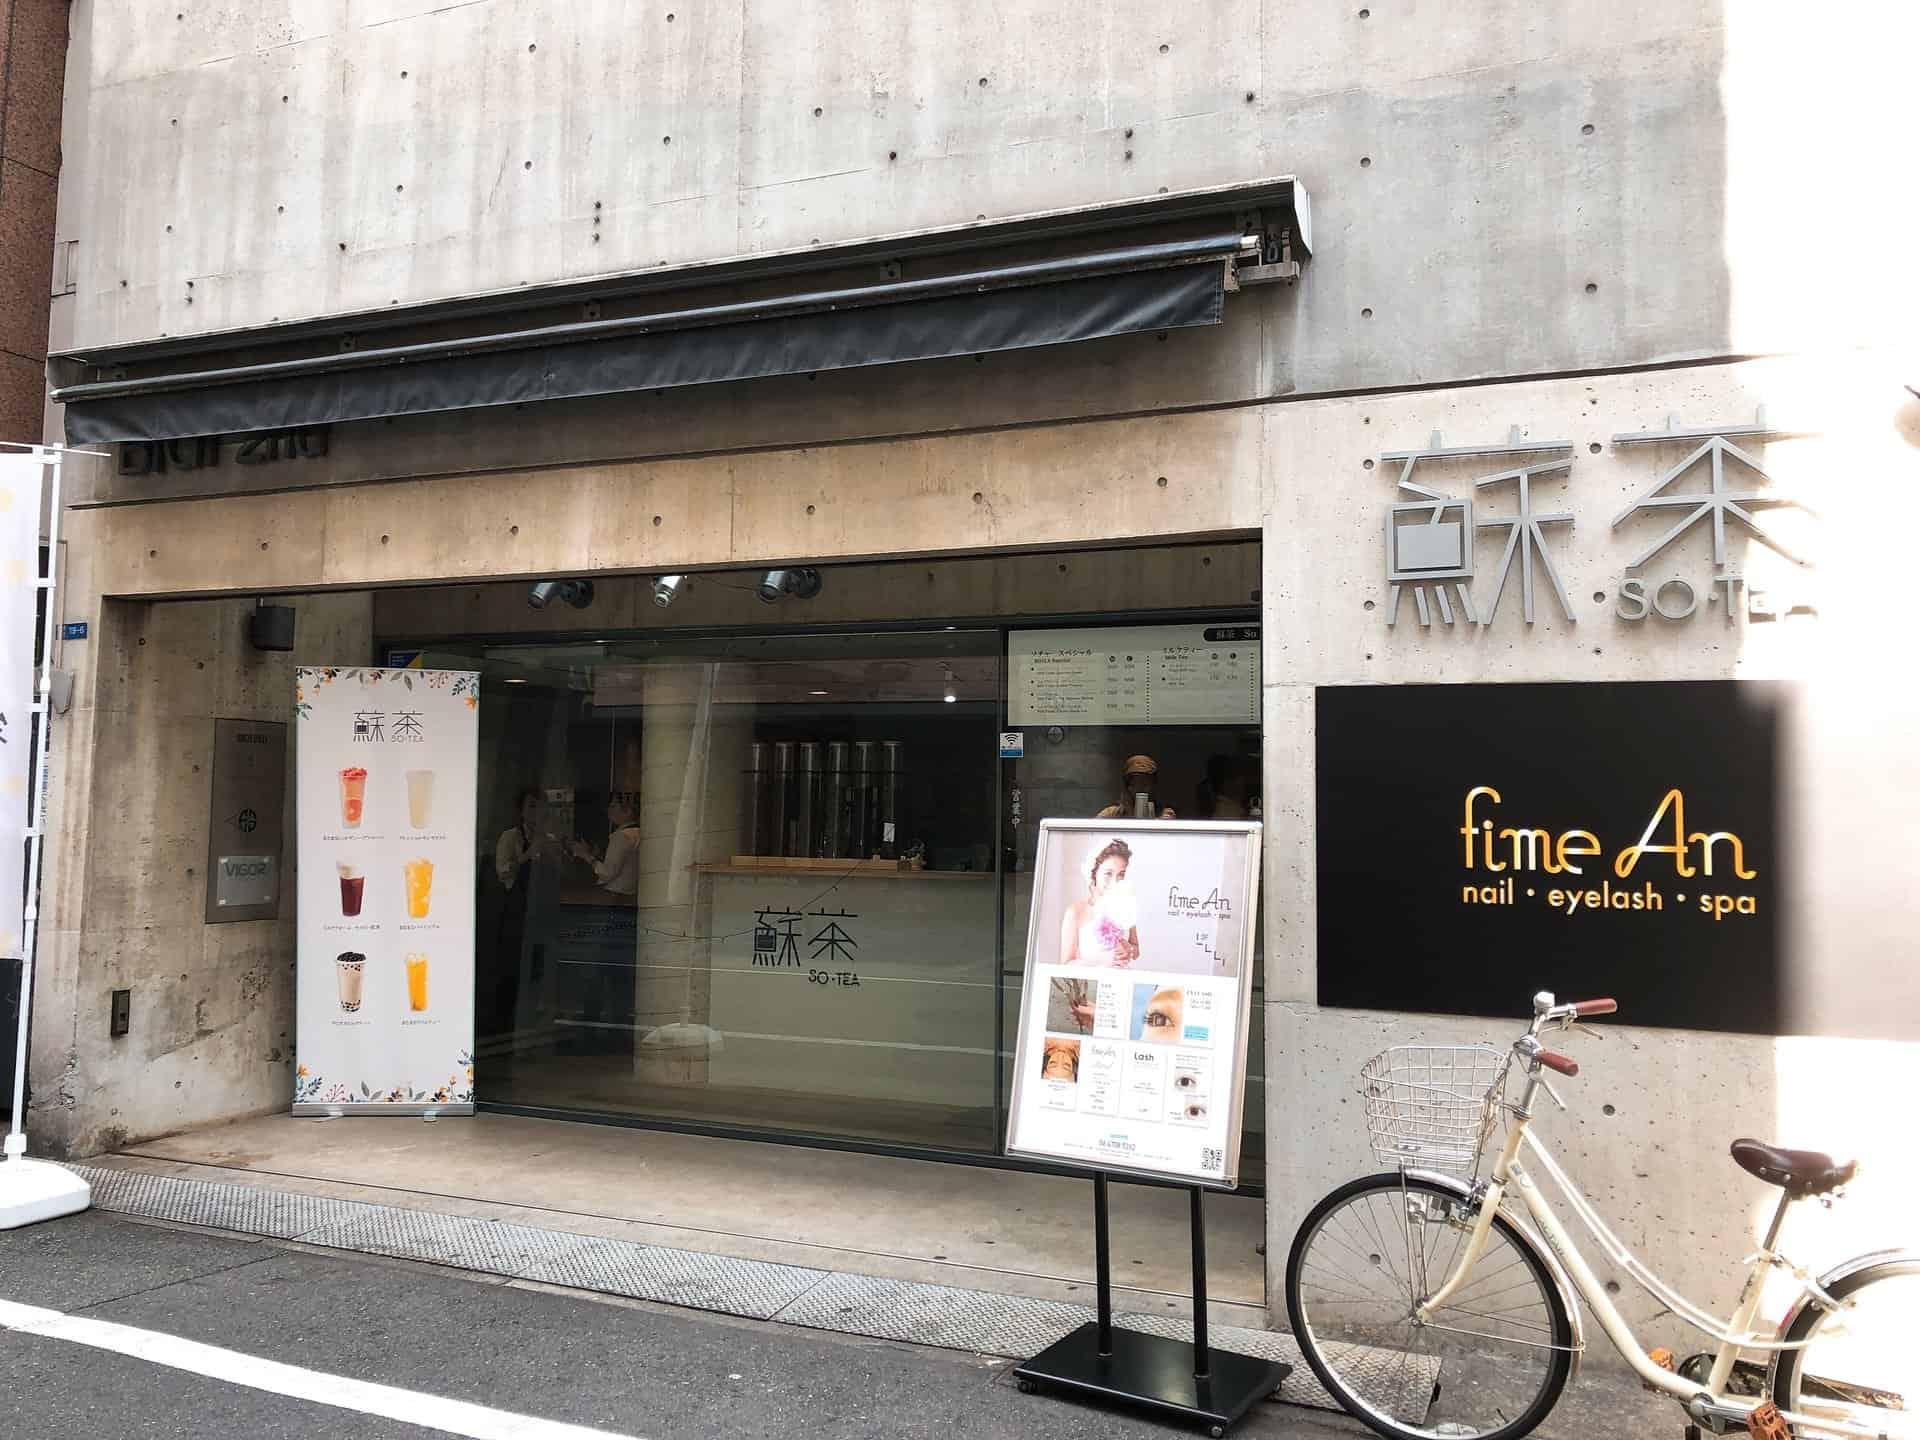 ร้านชานมไข่มุกในโอซาก้า - SOTEA 蘇茶